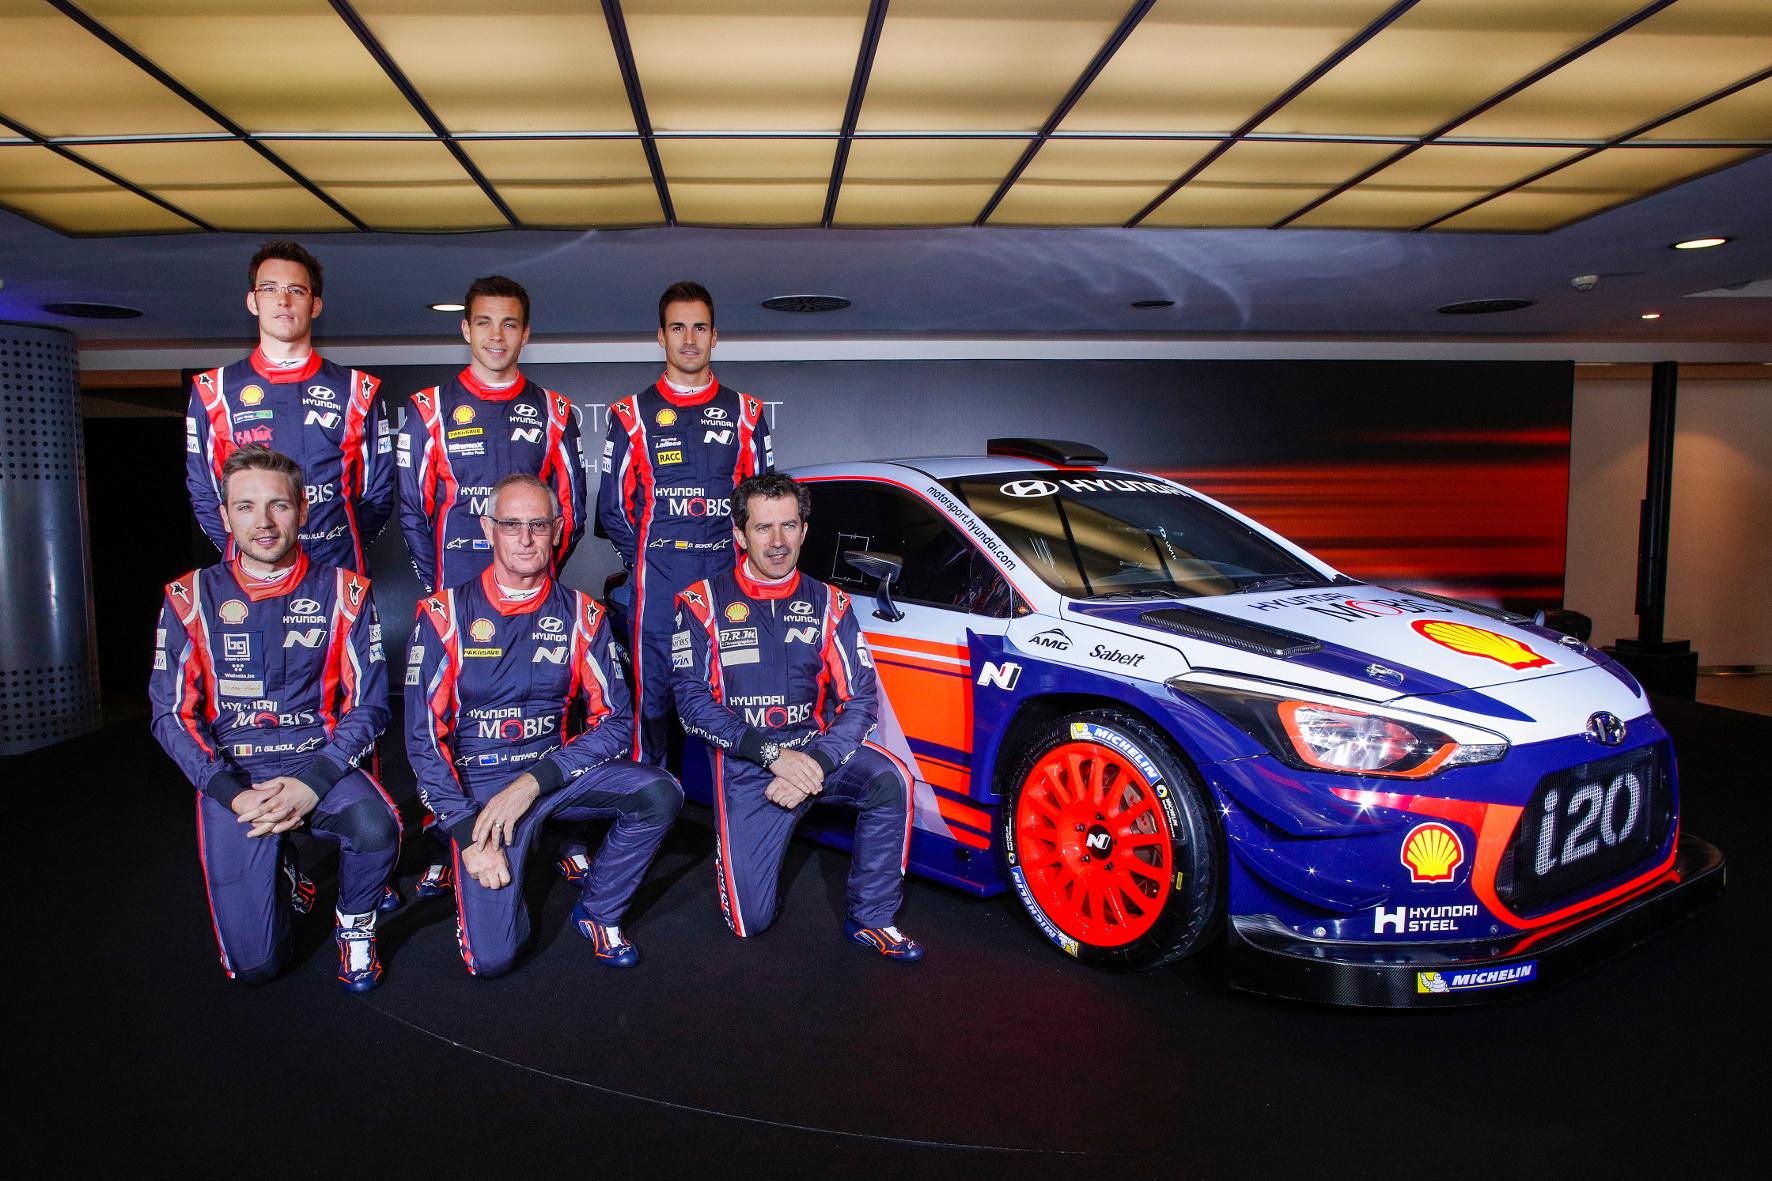 mid Monza - Die Hyundai-Mannschaft für die neue Saison: Es gibt keine Rangfolge im Team. Aber als amtierender Vize-Weltmeister gilt der Belgier Thierry Neuville (hinten links) als Favorit.